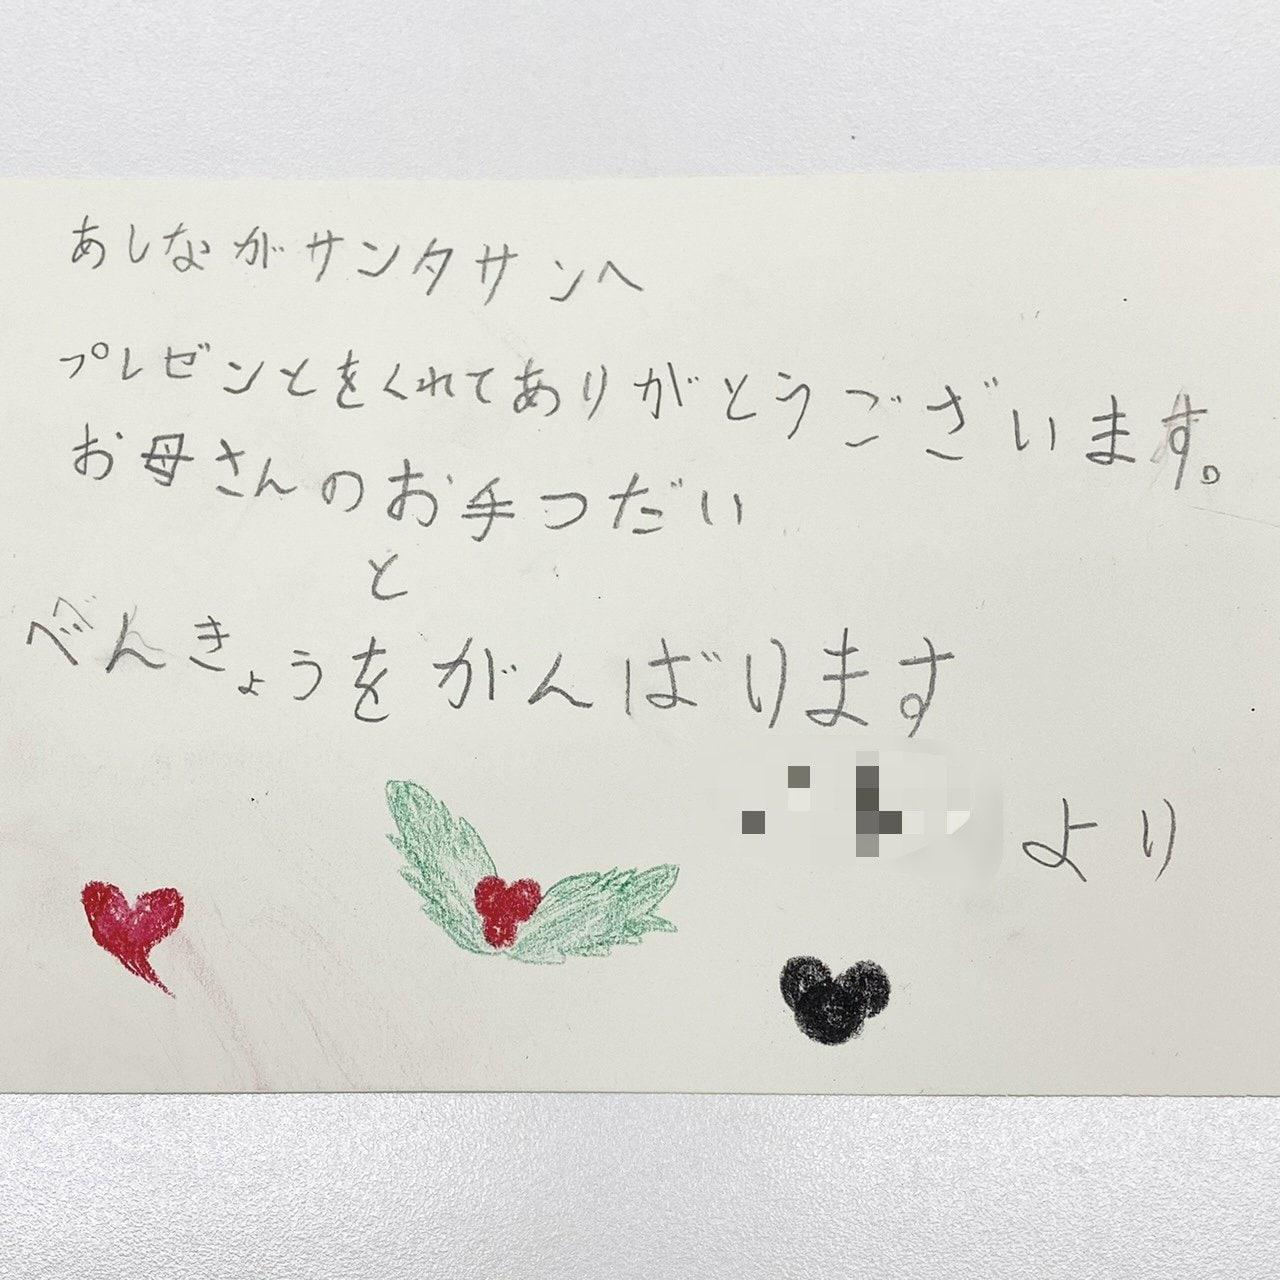 【あしながサンタ】株式会社ロードカー【こども食堂】